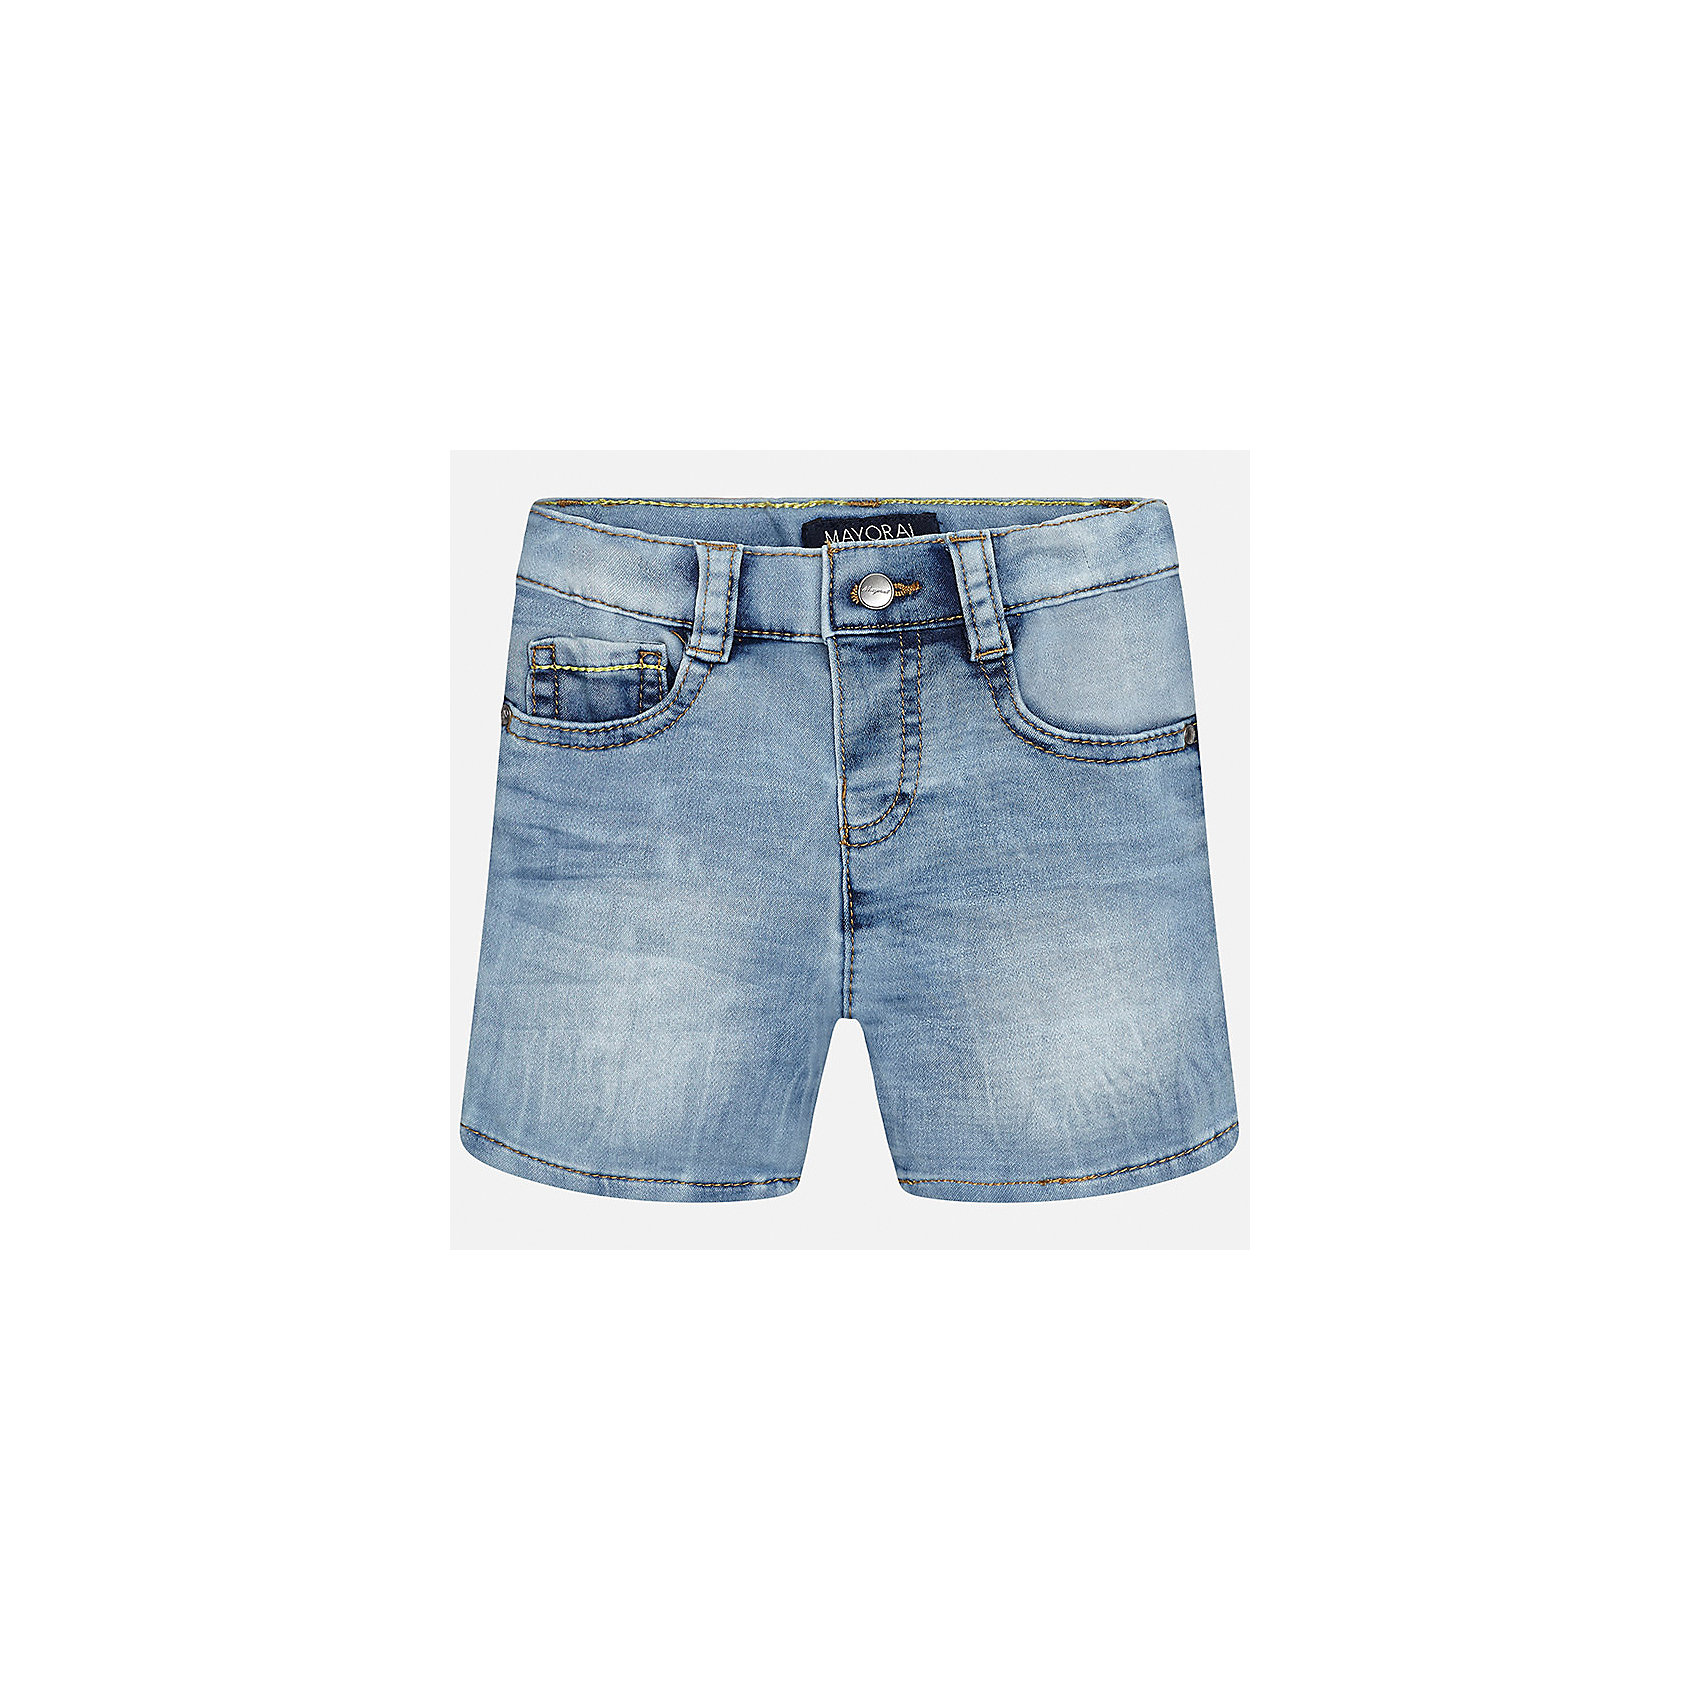 Бриджи джинсовые для мальчика MayoralШорты и бриджи<br>Характеристики товара:<br><br>• цвет: голубой<br>• состав: 52% хлопок, 47% полиэстер, 1% эластан<br>• шлевки<br>• карманы<br>• пояс с регулировкой объема<br>• эффект потертости<br>• страна бренда: Испания<br><br>Модные бриджи для мальчика смогут стать базовой вещью в гардеробе ребенка. Они отлично сочетаются с майками, футболками, рубашками и т.д. Универсальный крой и цвет позволяет подобрать к вещи верх разных расцветок. Практичное и стильное изделие! В составе материала - натуральный хлопок, гипоаллергенный, приятный на ощупь, дышащий.<br><br>Одежда, обувь и аксессуары от испанского бренда Mayoral полюбились детям и взрослым по всему миру. Модели этой марки - стильные и удобные. Для их производства используются только безопасные, качественные материалы и фурнитура. Порадуйте ребенка модными и красивыми вещами от Mayoral! <br><br>Бриджи для мальчика от испанского бренда Mayoral (Майорал) можно купить в нашем интернет-магазине.<br><br>Ширина мм: 191<br>Глубина мм: 10<br>Высота мм: 175<br>Вес г: 273<br>Цвет: синий<br>Возраст от месяцев: 12<br>Возраст до месяцев: 15<br>Пол: Мужской<br>Возраст: Детский<br>Размер: 80,92,86<br>SKU: 5279499